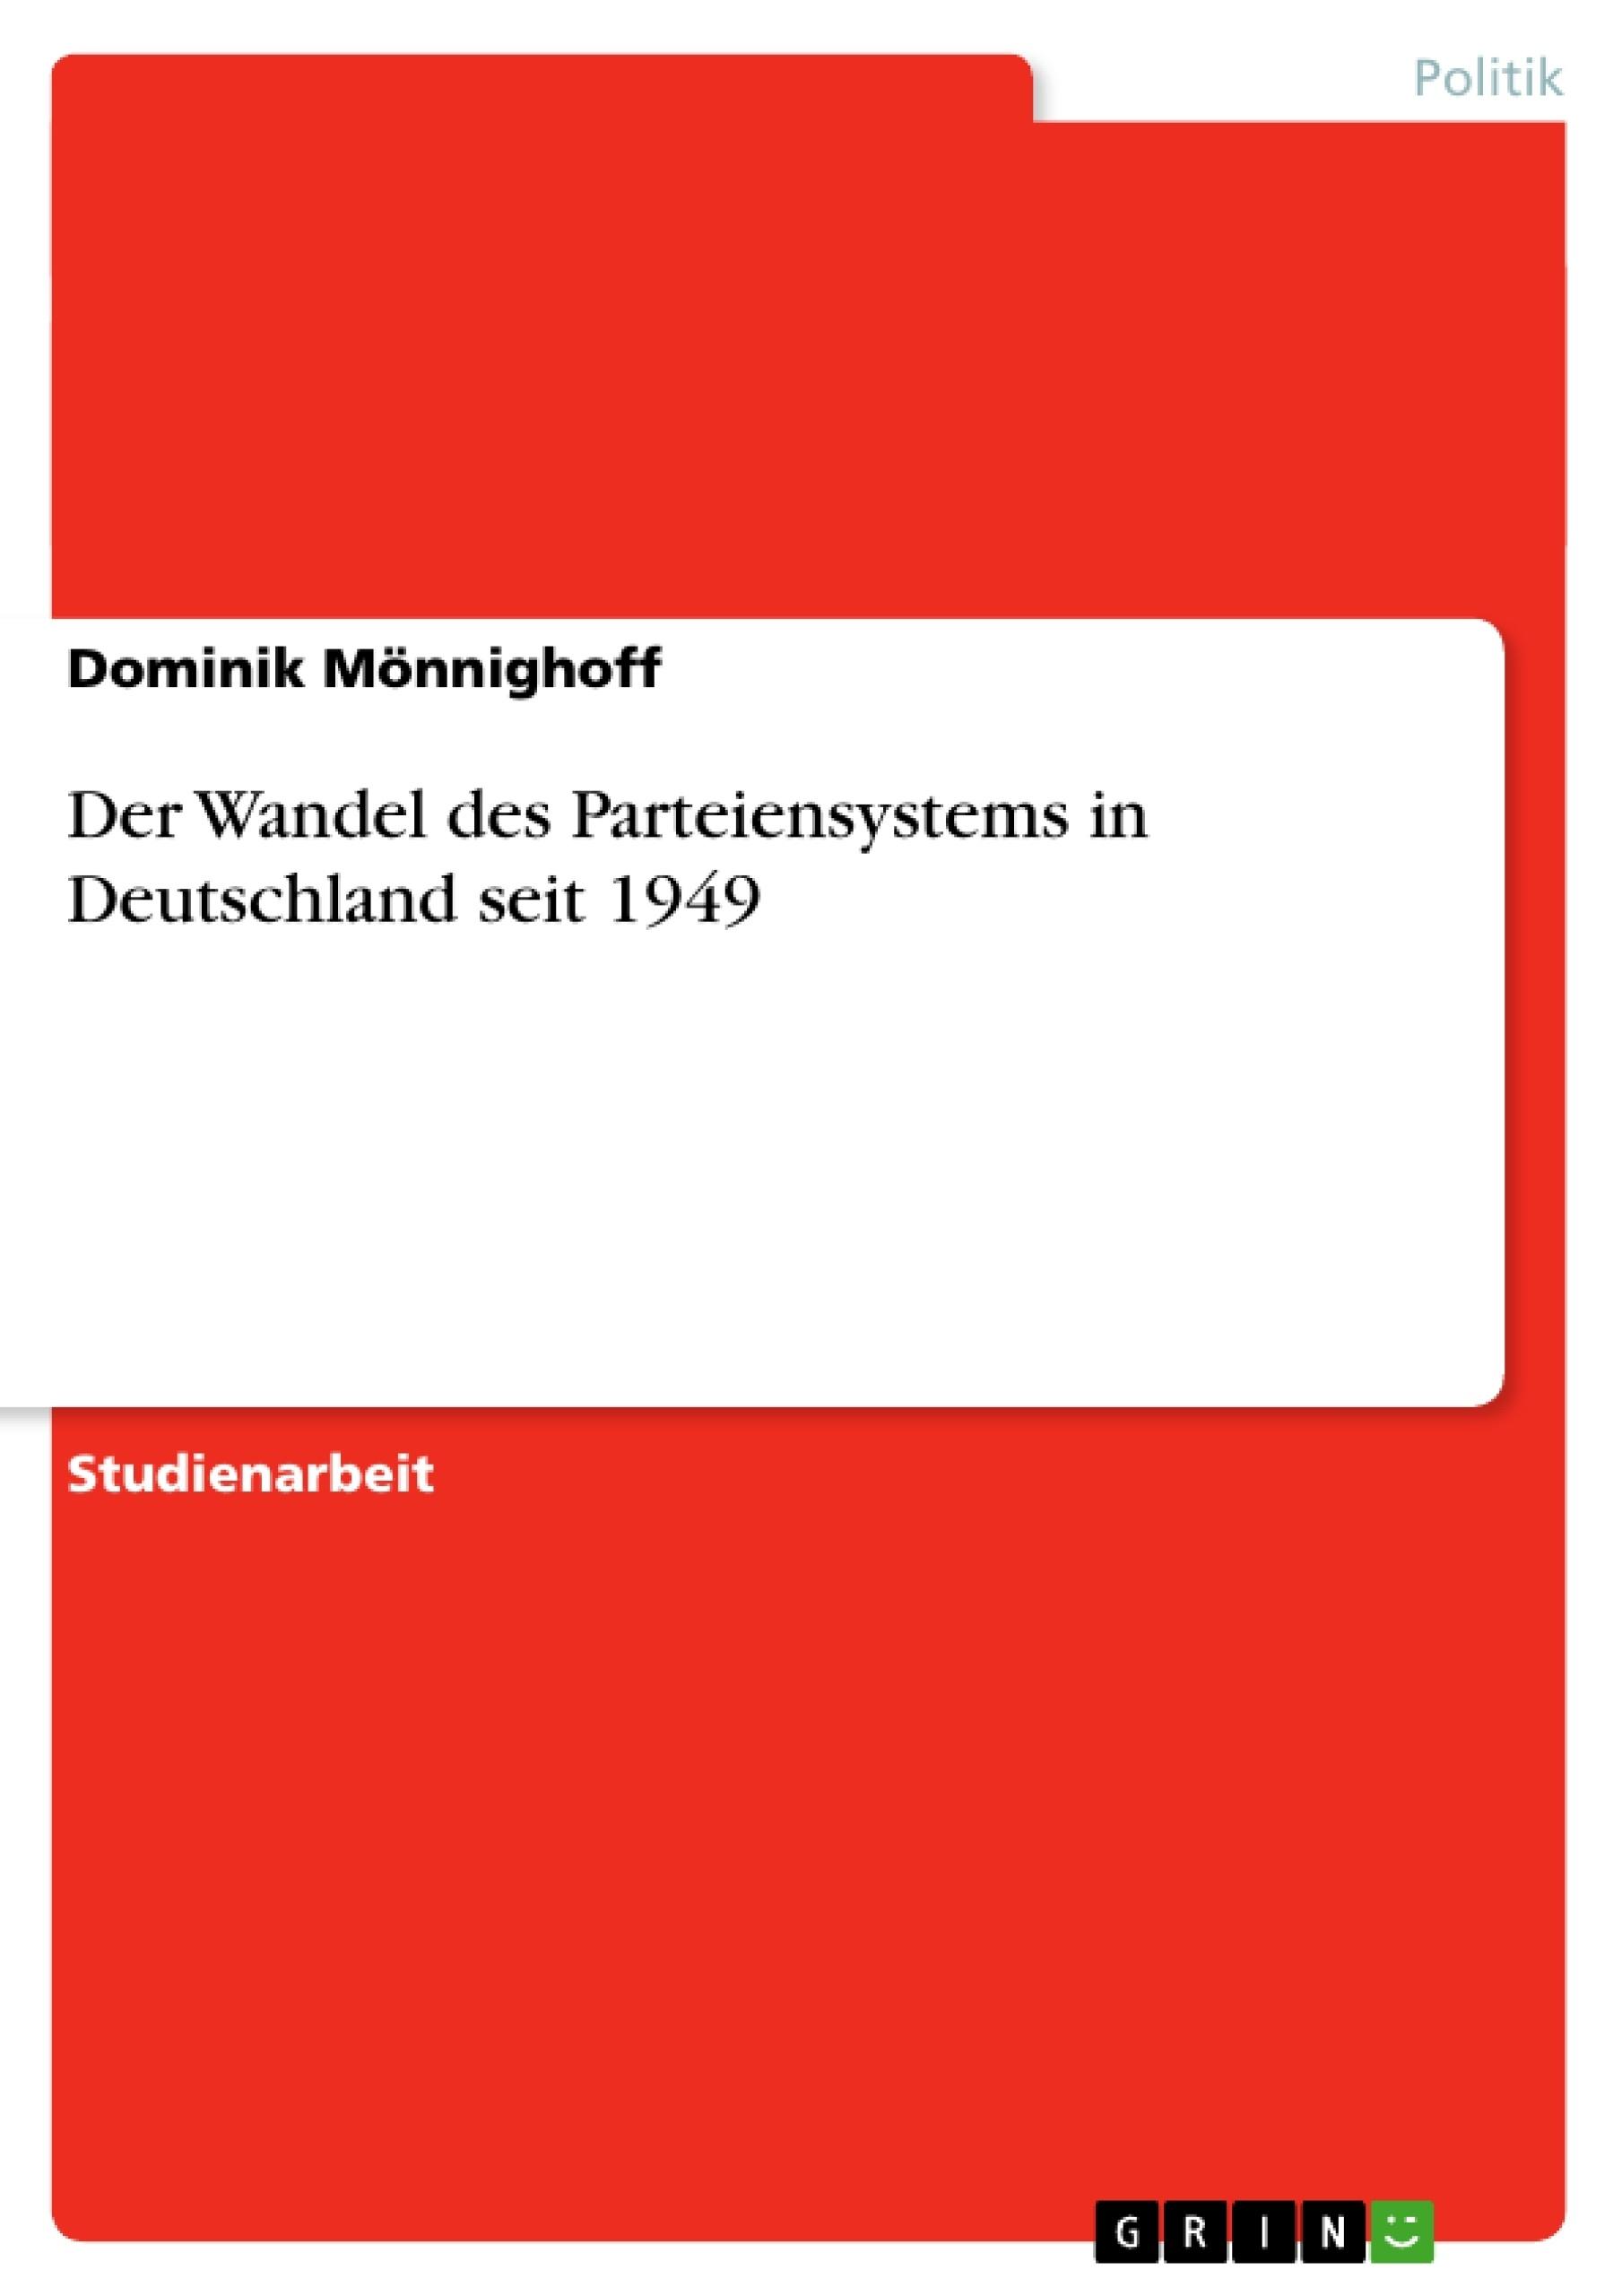 Titel: Der Wandel des Parteiensystems in Deutschland seit 1949